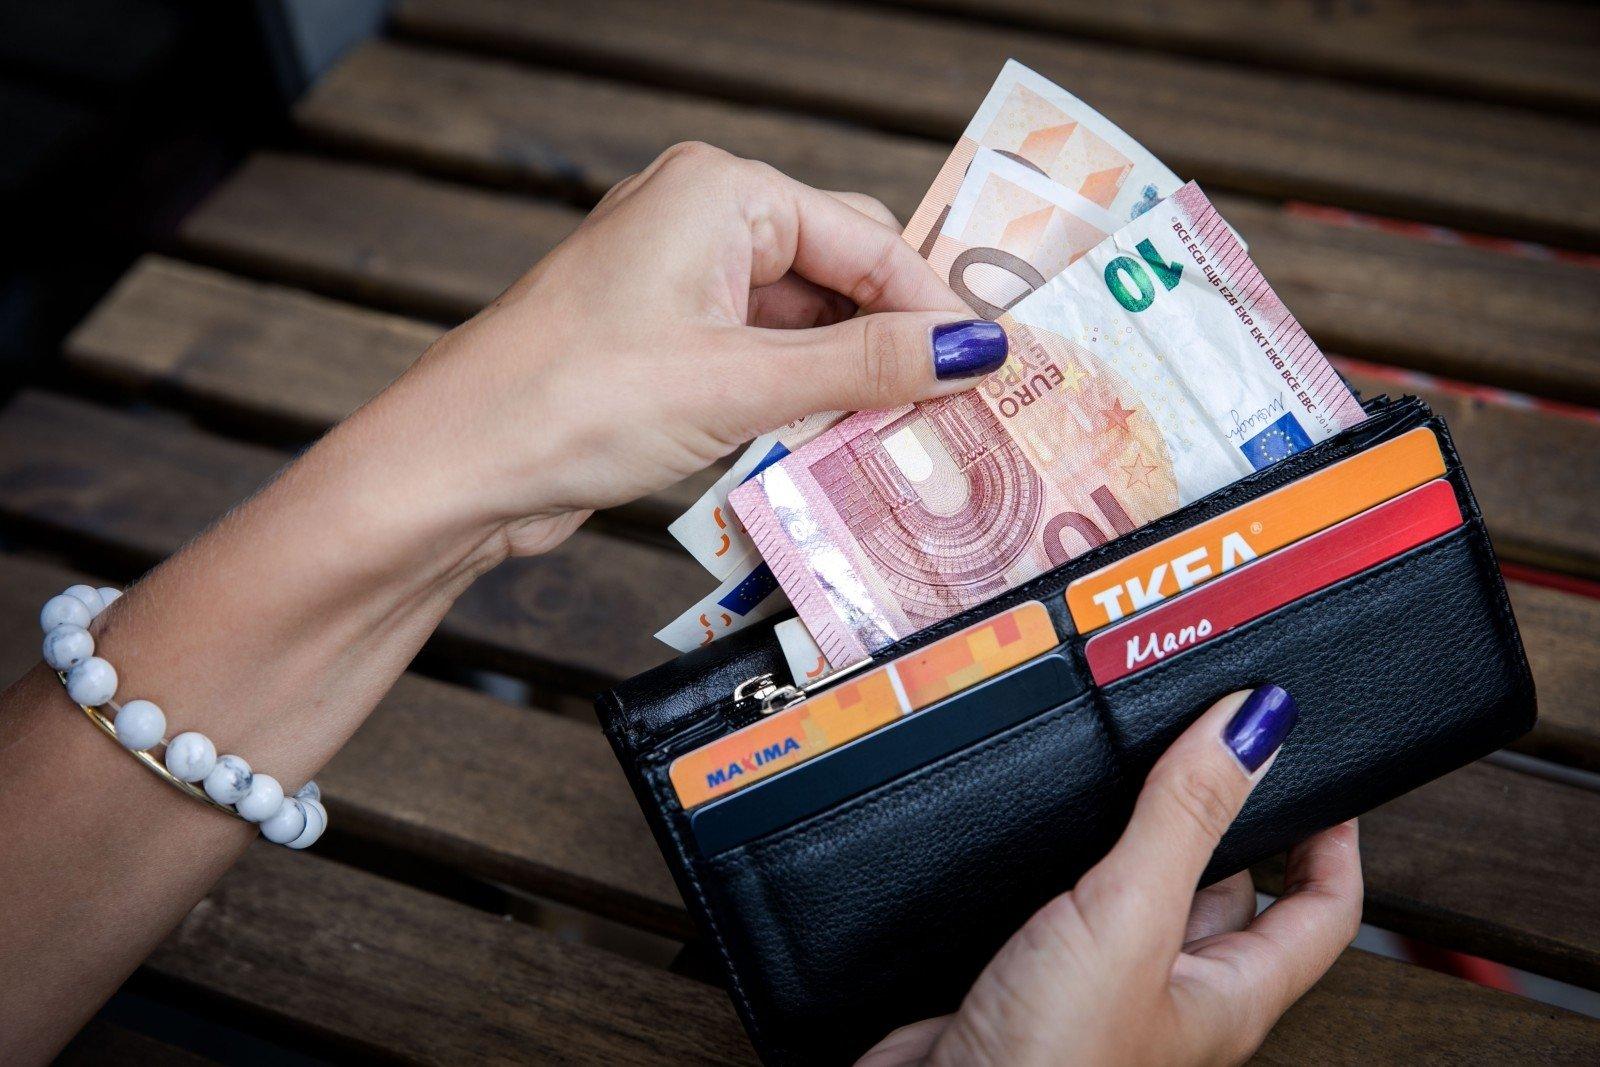 kurioje svetainėje galite užsidirbti pinigų apžvalgų